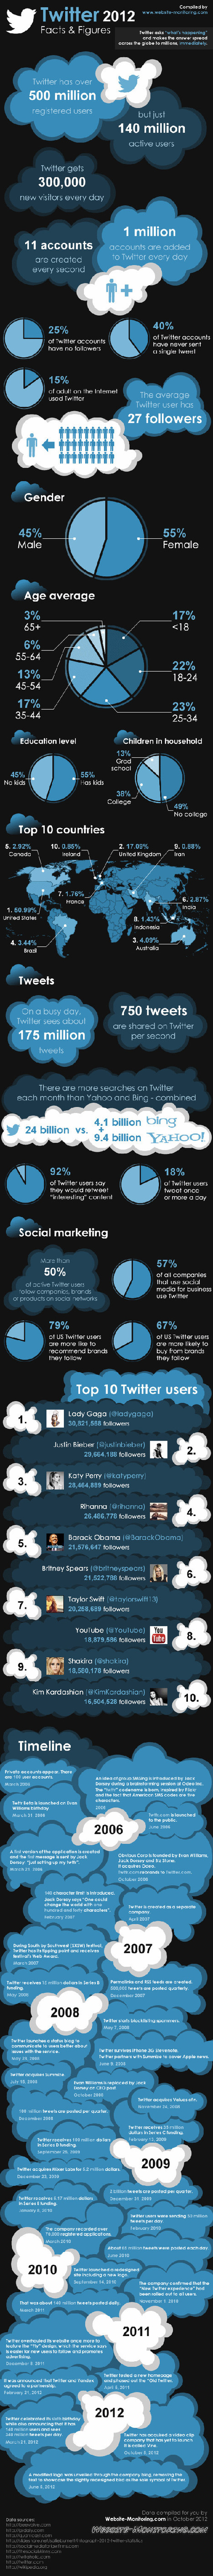 Twitter : les statistiques qui ont fait son succès en 2012 Autour du Web | Toulouse networks | Scoop.it